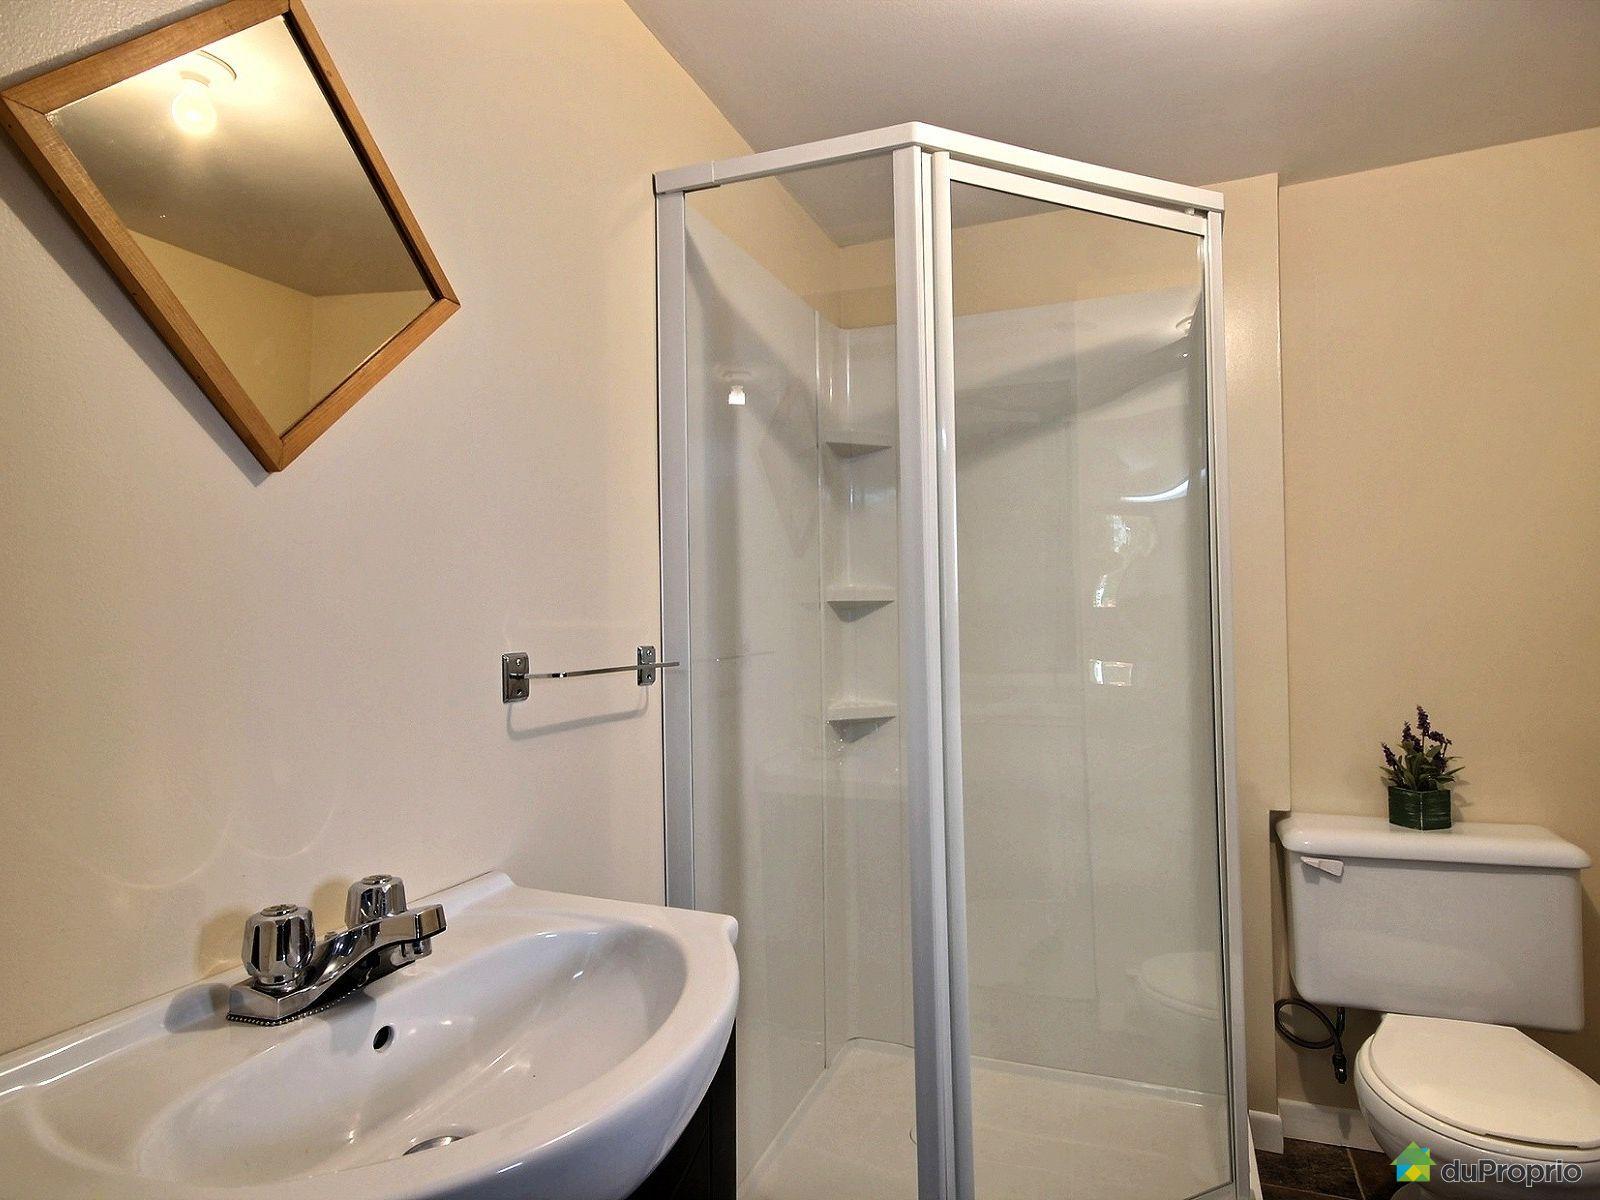 Maison vendre b cancour 6130 rue des pins immobilier for Plomberie salle de bain au sous sol